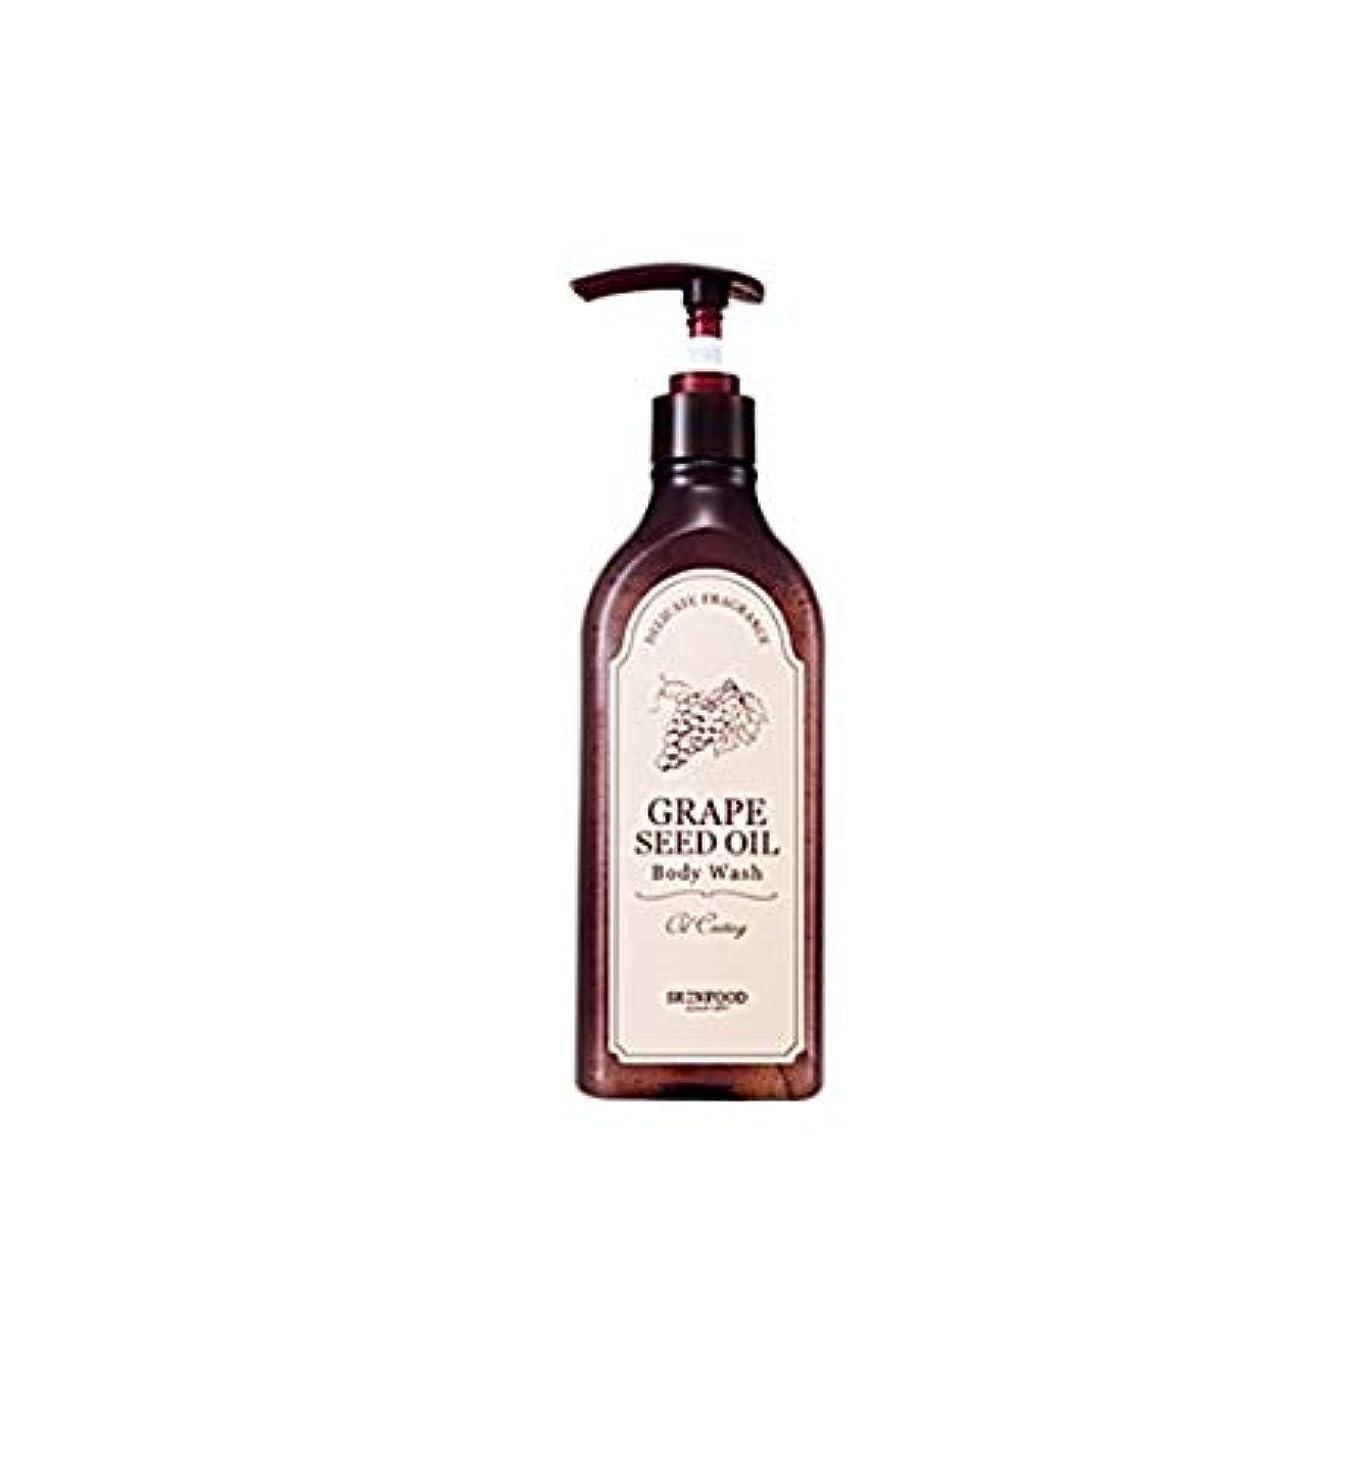 担保報酬の広範囲Skinfood グレープシードオイルボディウォッシュ/Grape Seed Oil Body Wash 335ml [並行輸入品]